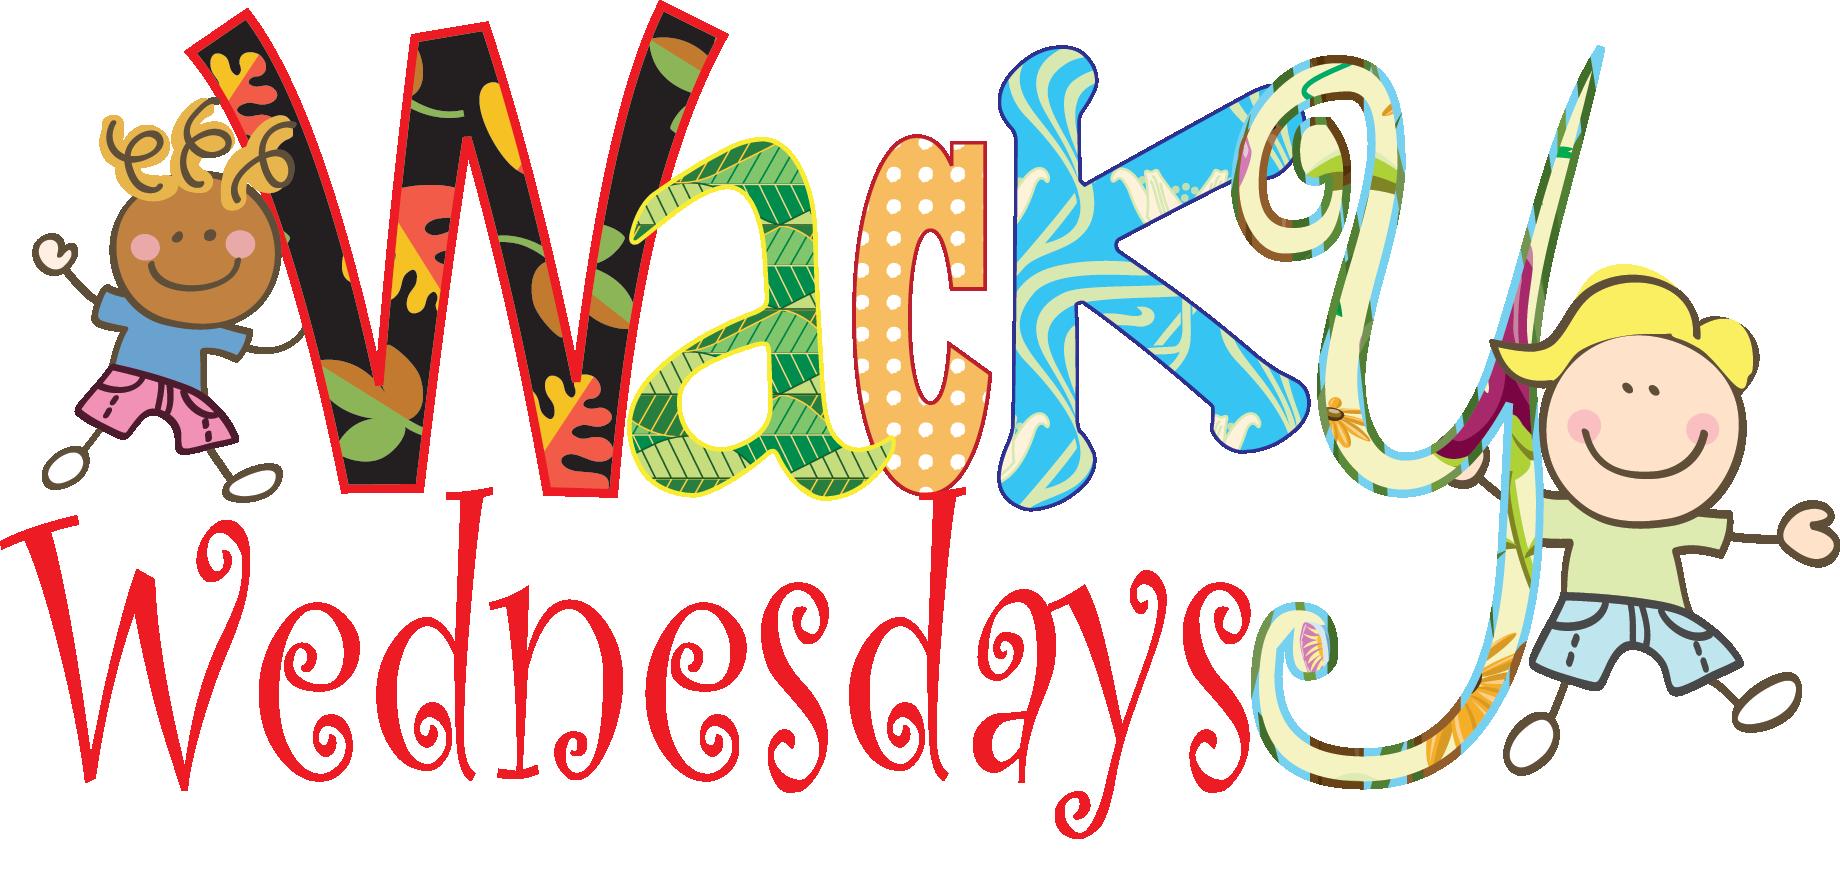 水曜日は思い切り wacky wednesday を楽しもう 世界の文化